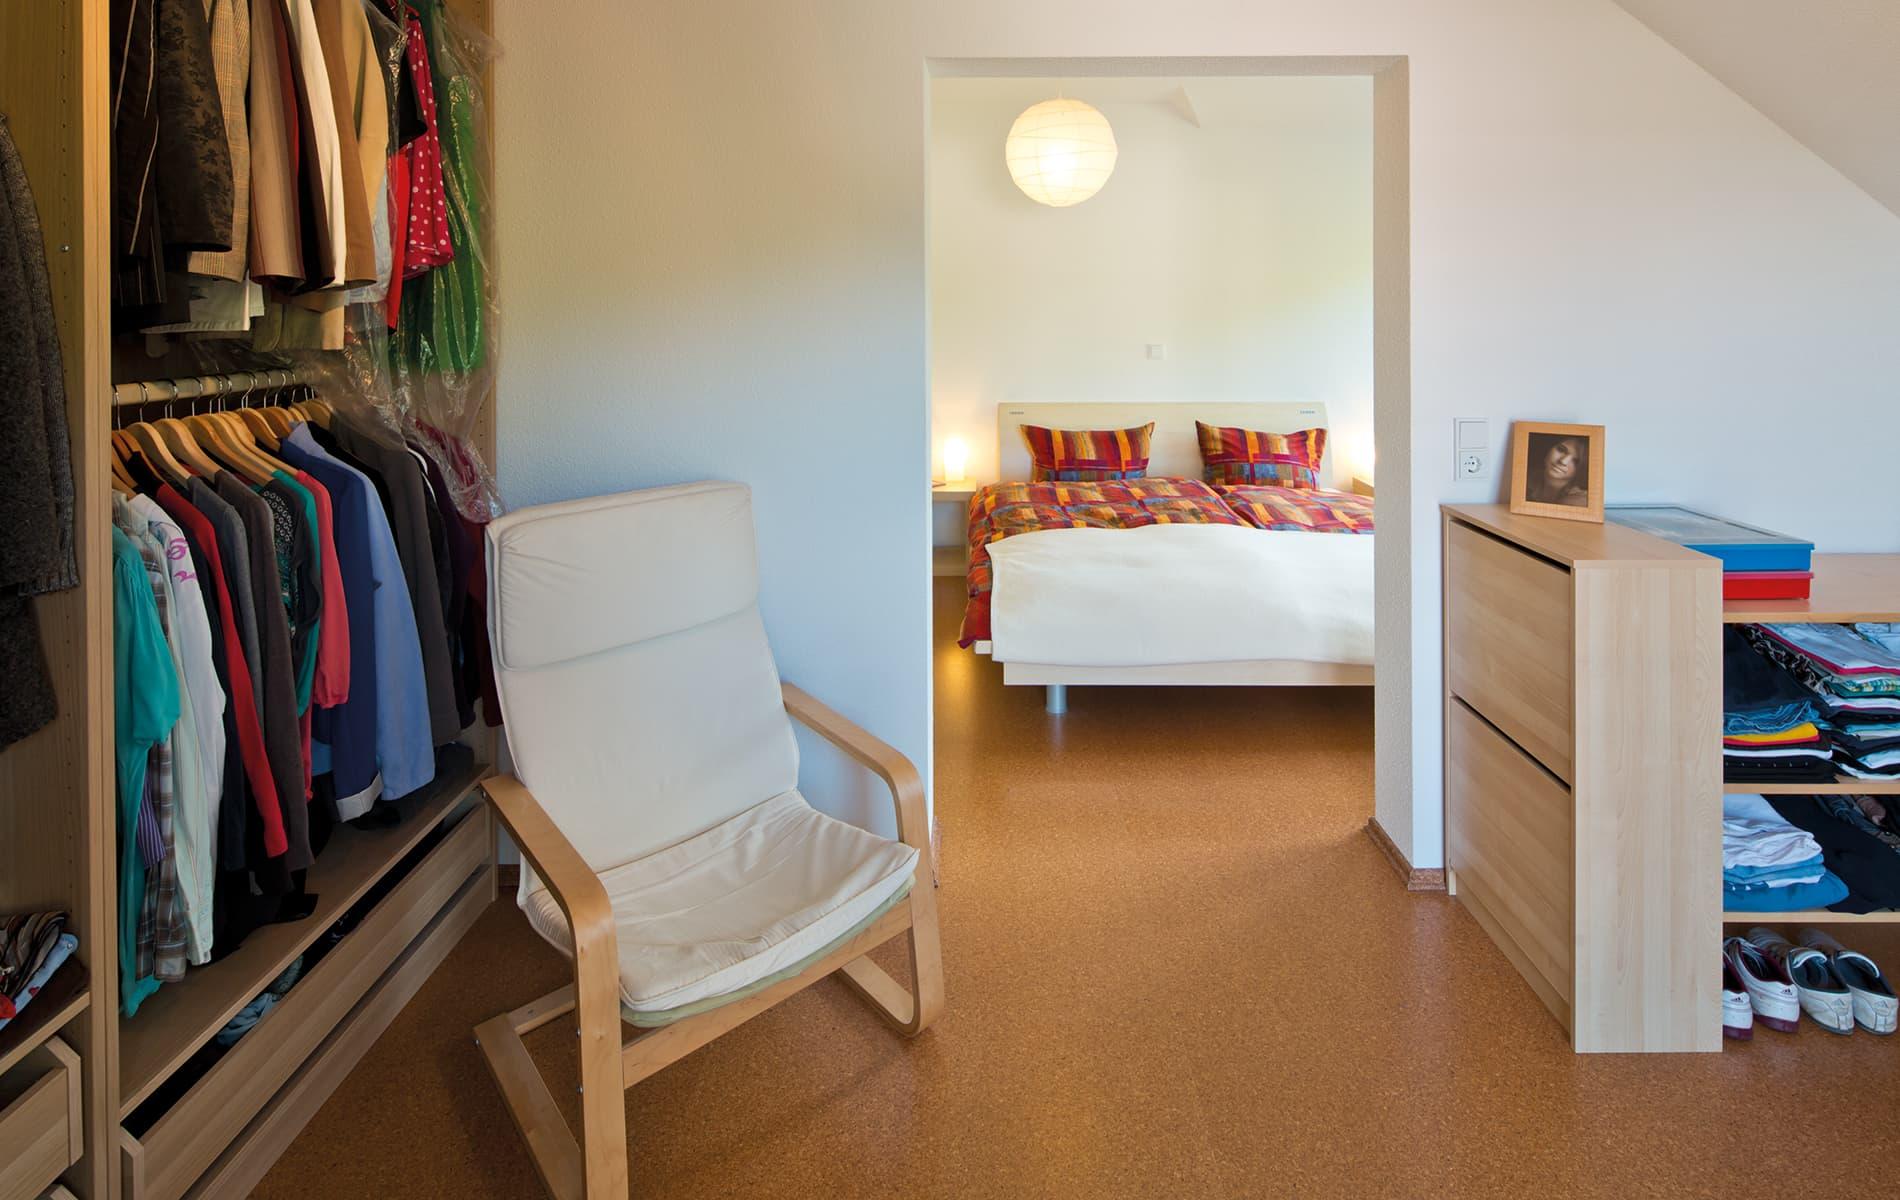 VIO 300 - Schlafzimmer und Ankleideraum